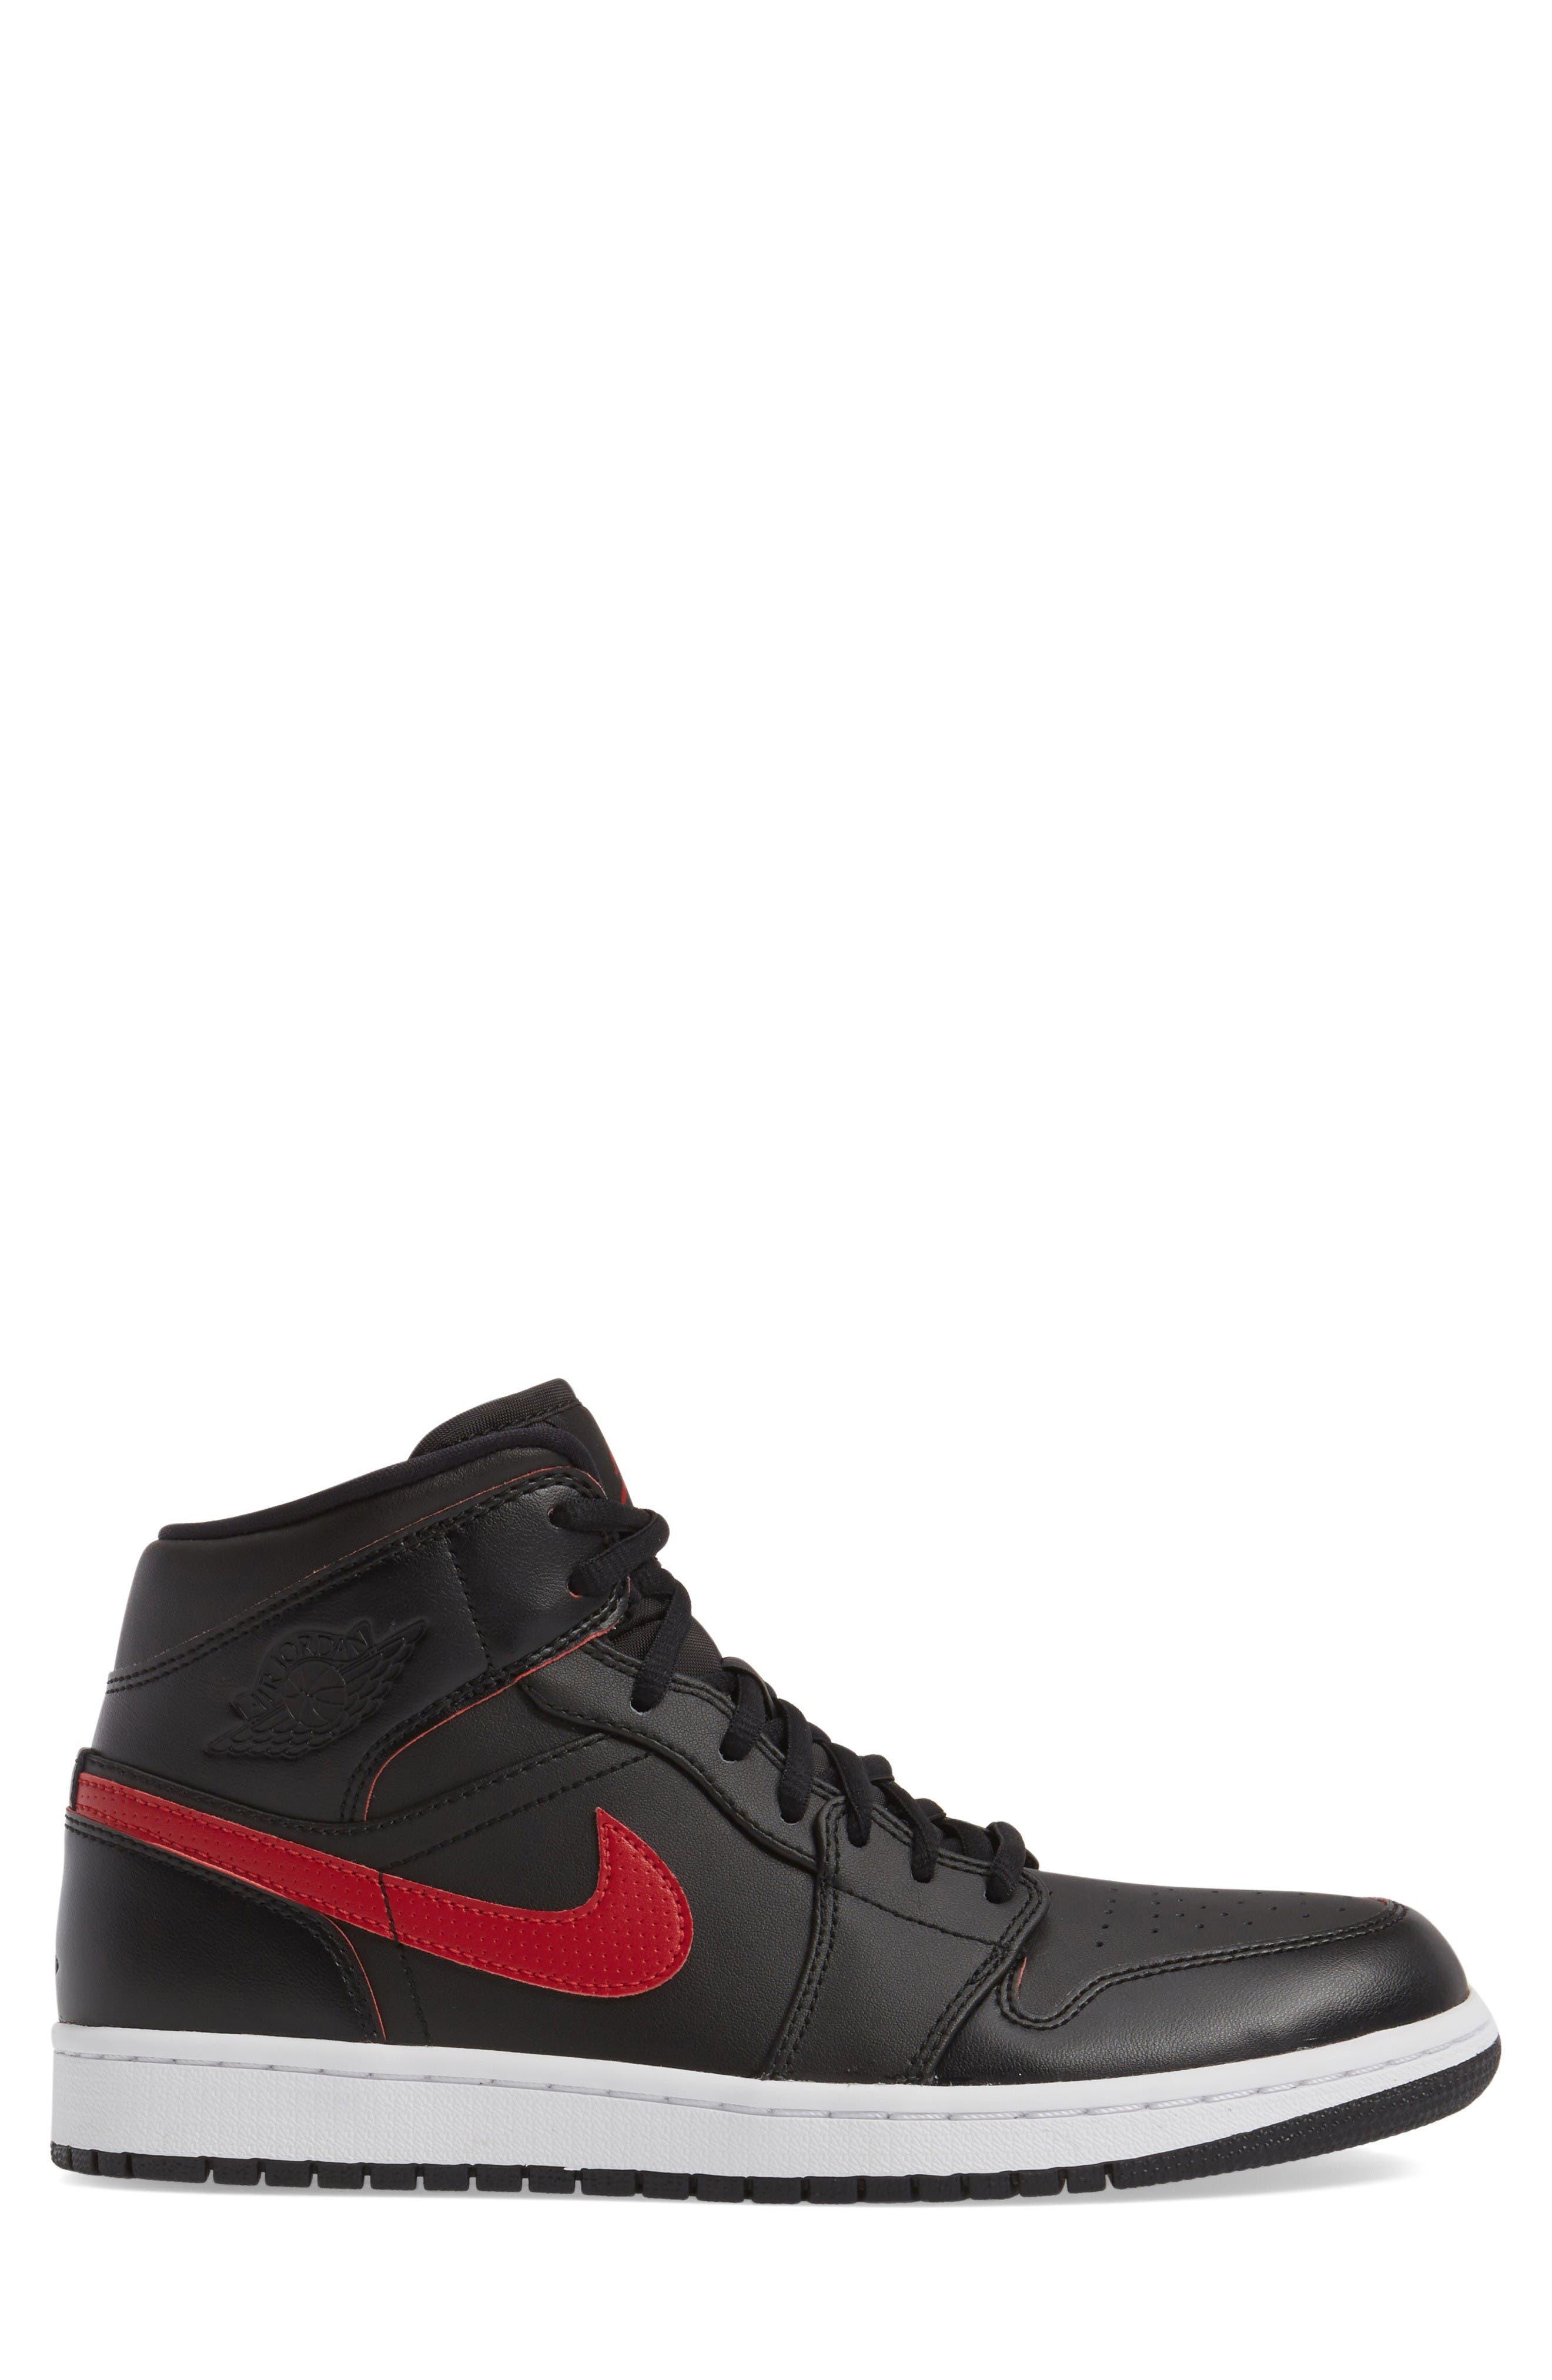 Alternate Image 3  - Nike 'Air Jordan 1 Mid' Sneaker (Men)